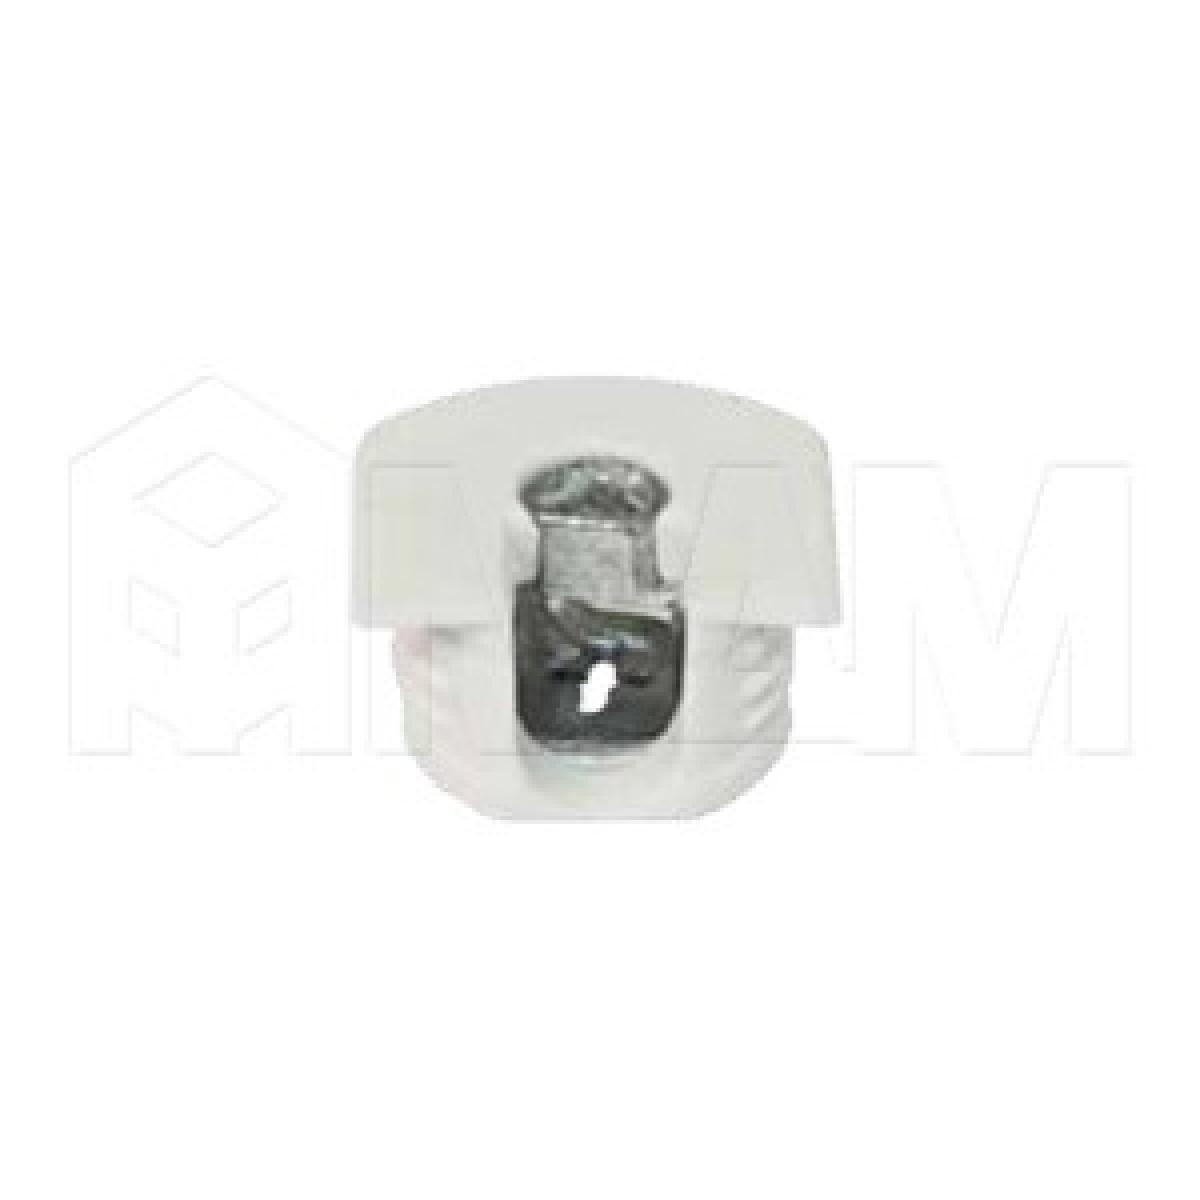 Эксцентрик усиленный в пластиковом корпусе 16 мм, белый